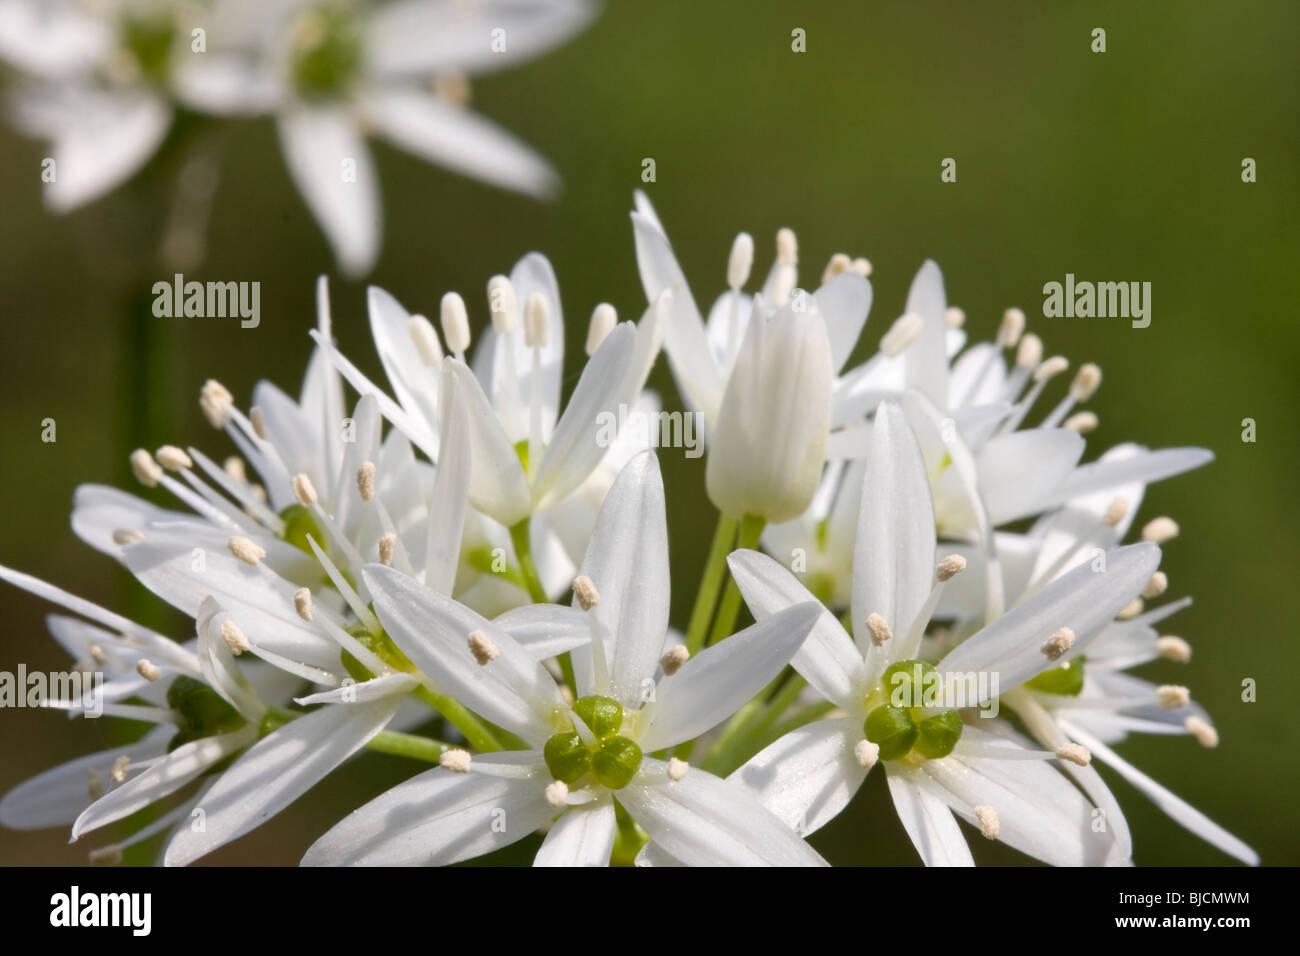 Blooming ramson, Allium ursinum Stock Photo